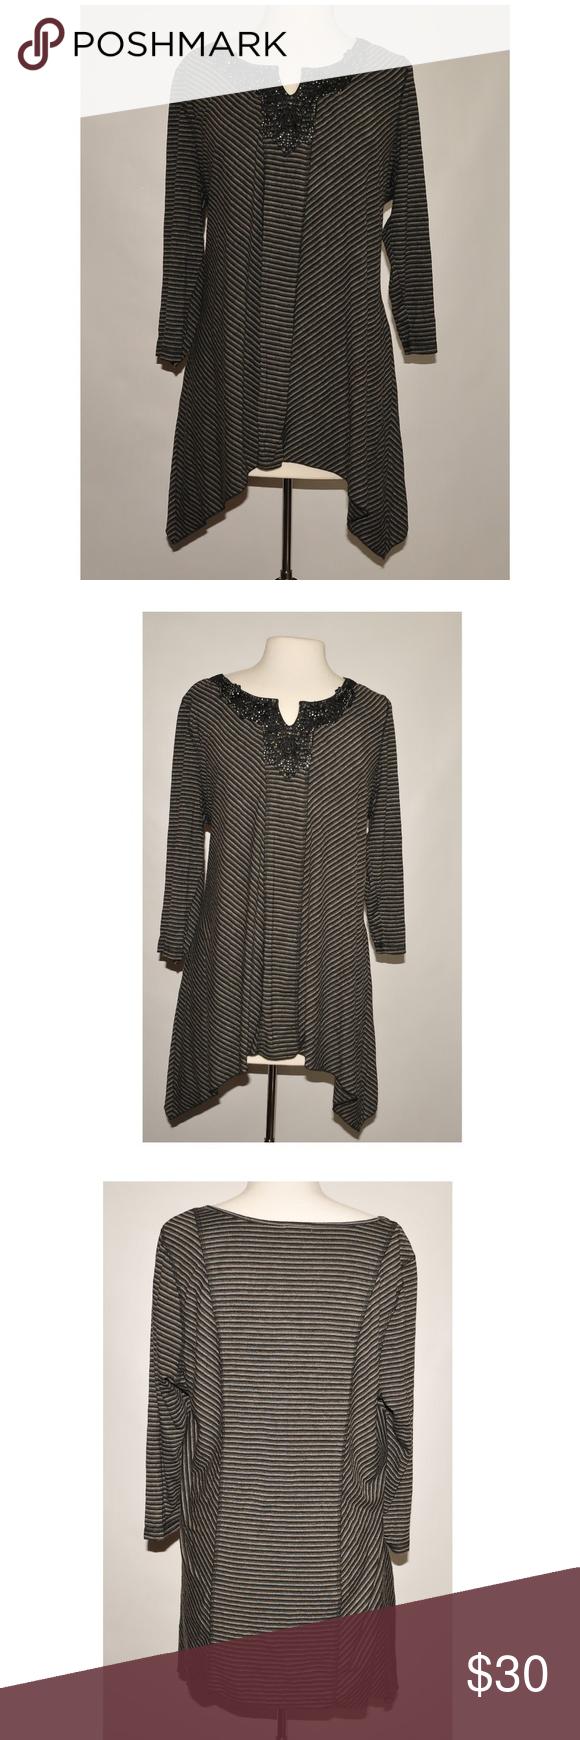 Black xl dress shirt rhinestone lace dress shirts and